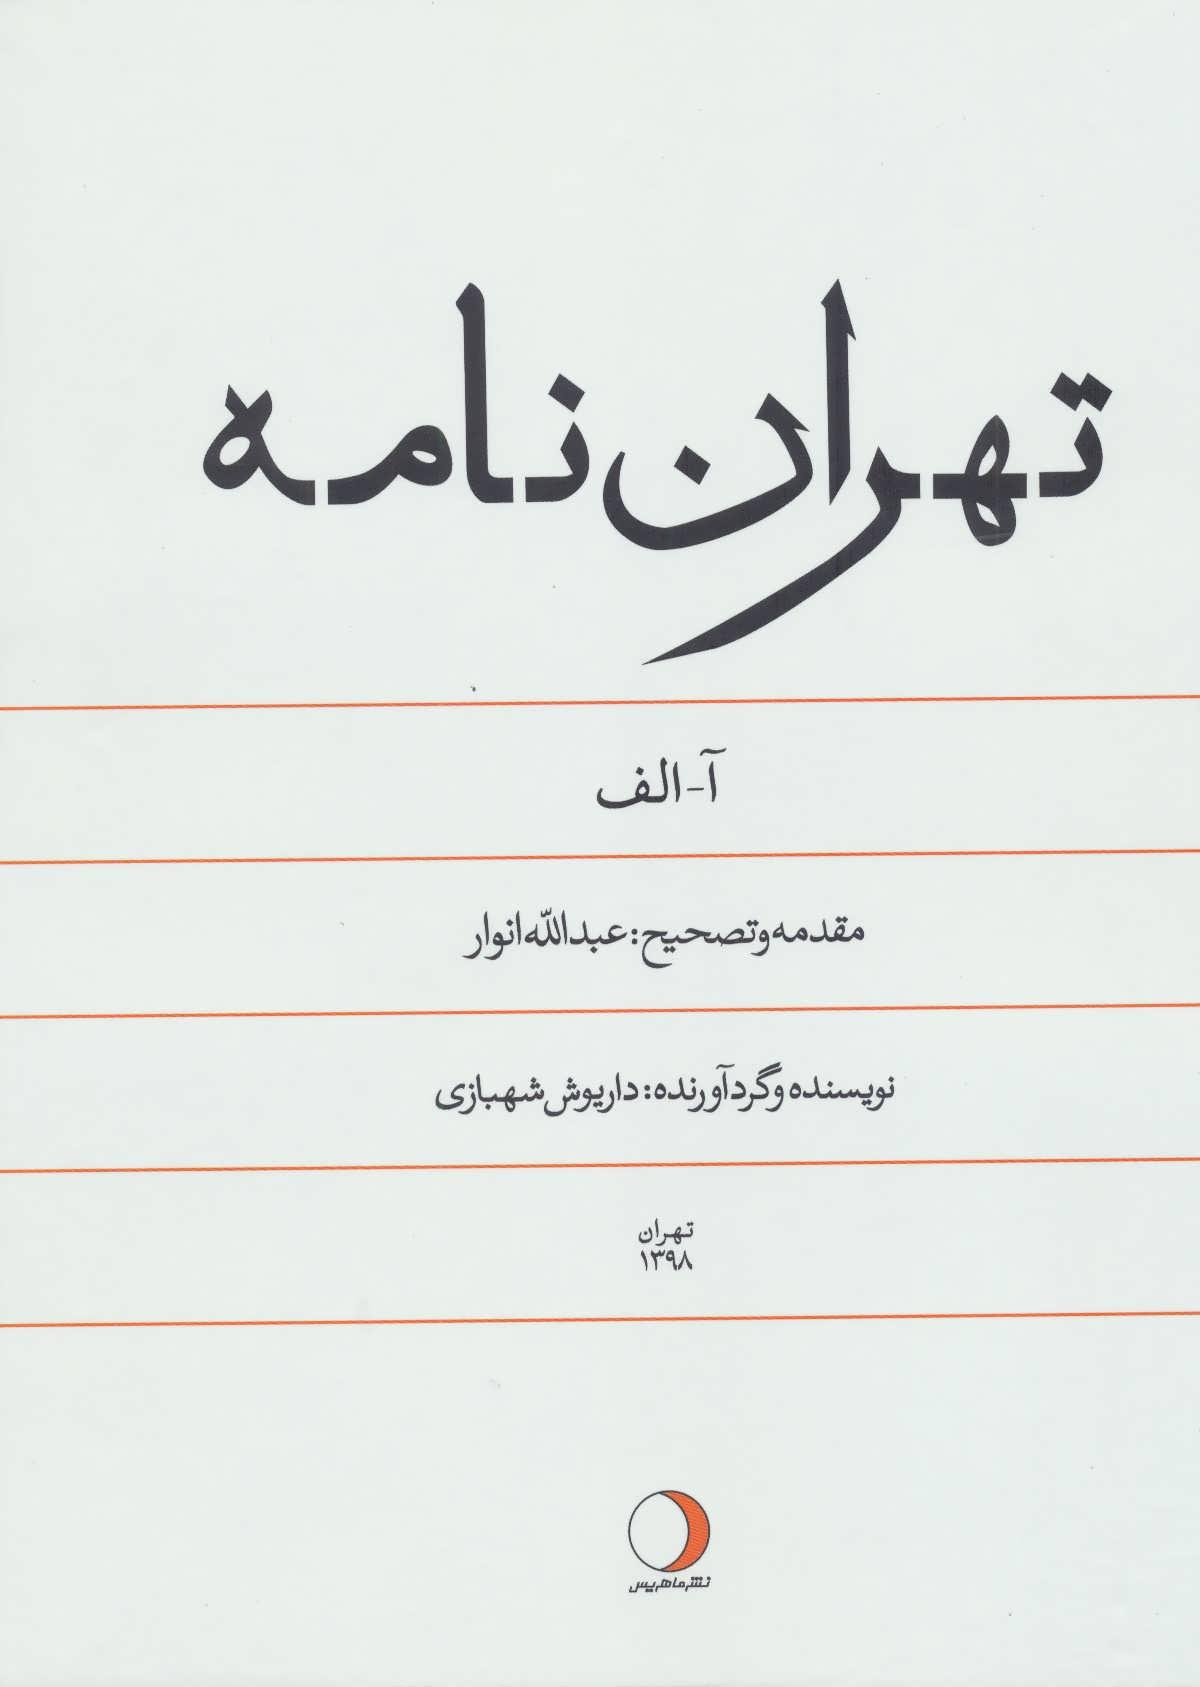 کتاب تهراننامه